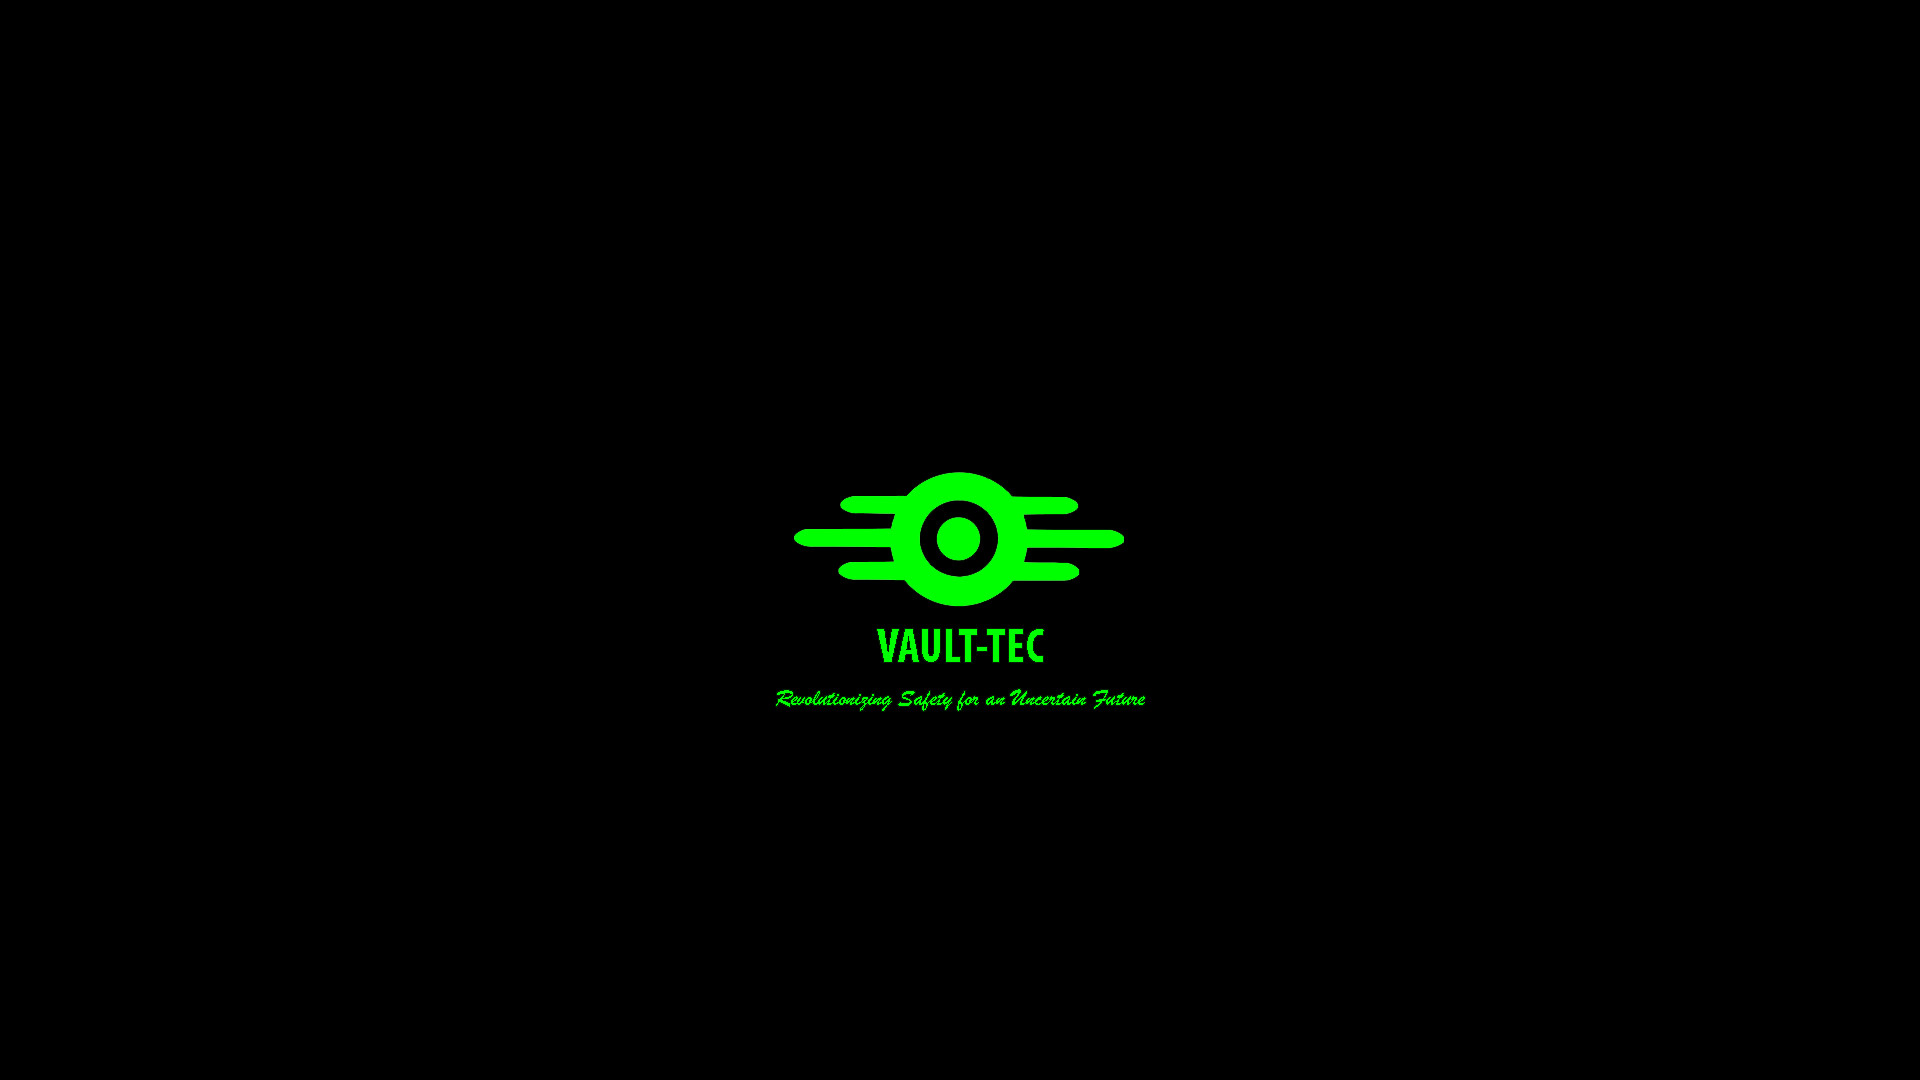 Green on black version: https://i.imgur.com/RsSOm0r.png. VAULT-TEC …